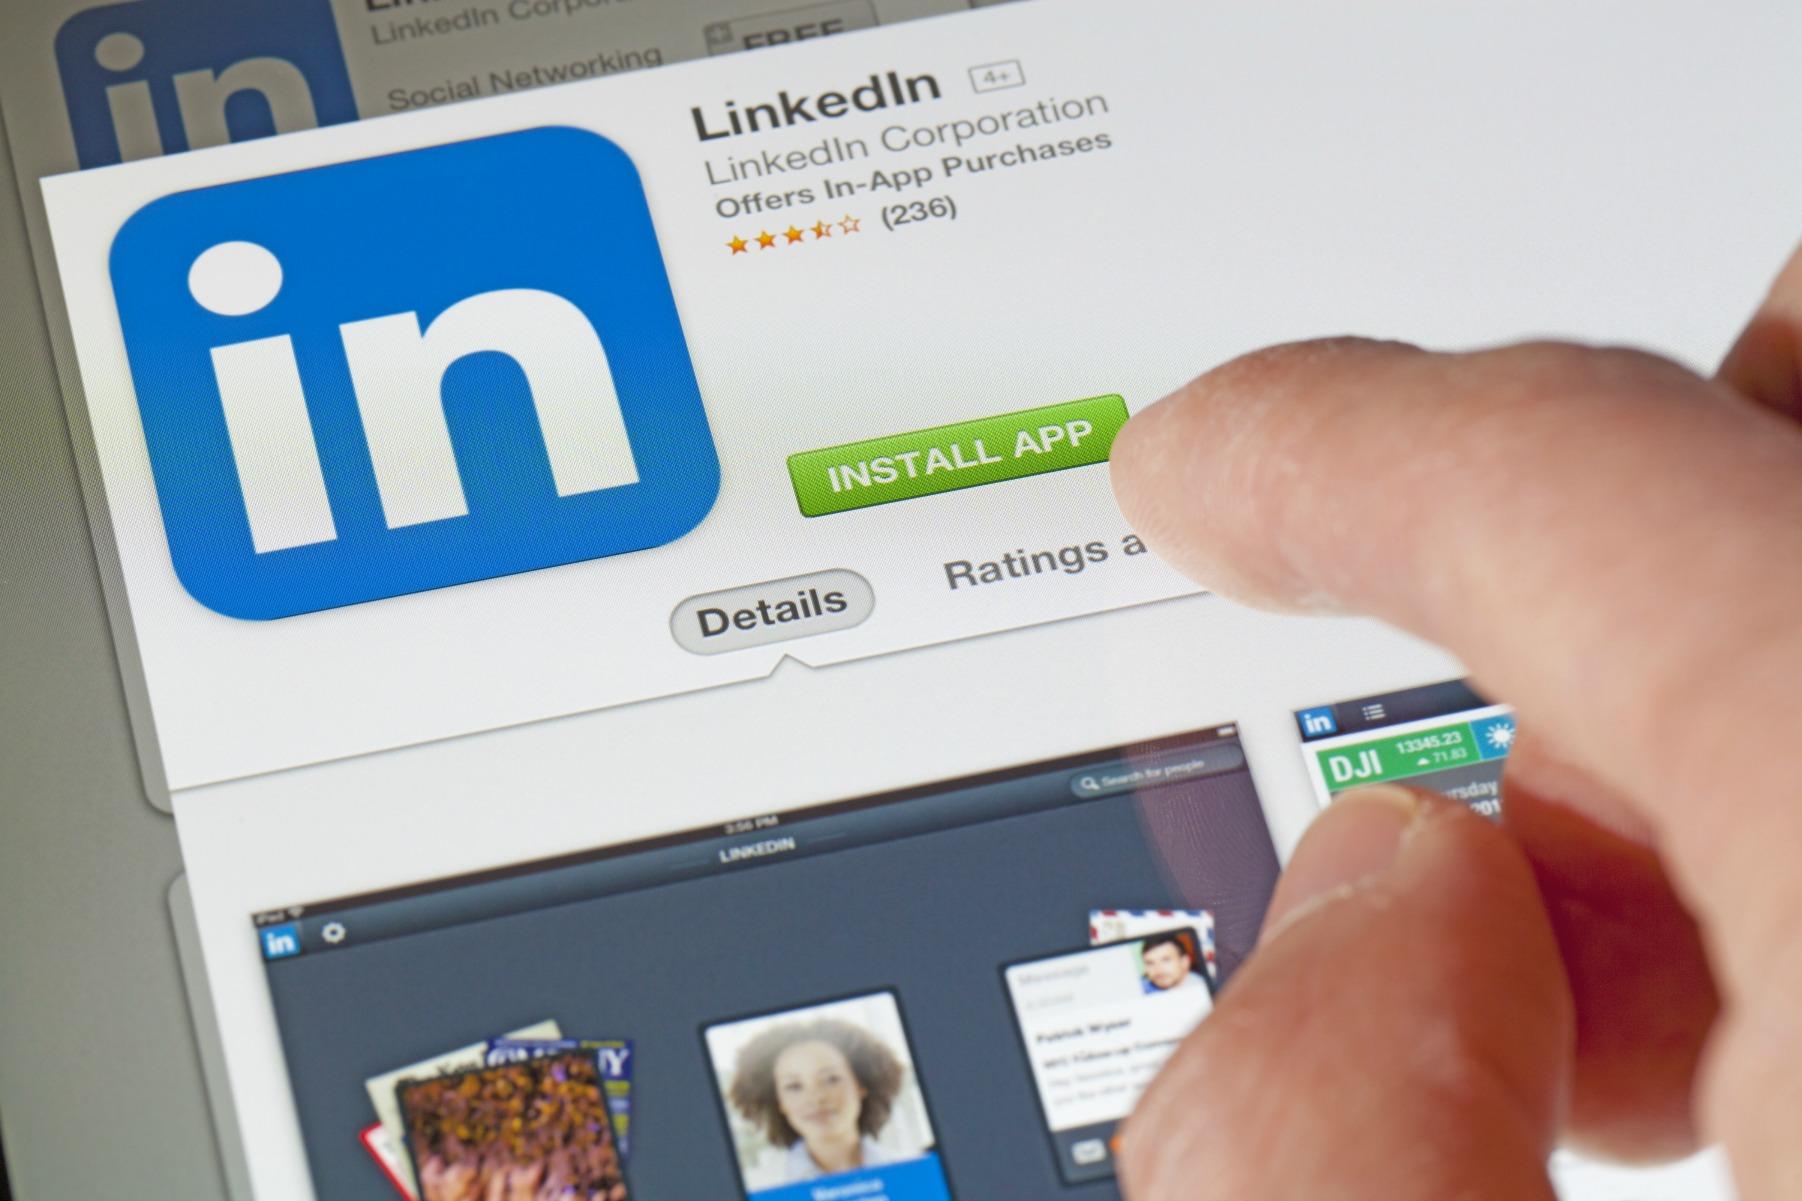 linkedin, sociale medier, karriere, arbejde, online kurser, kursus, online kursus, some, arbejde